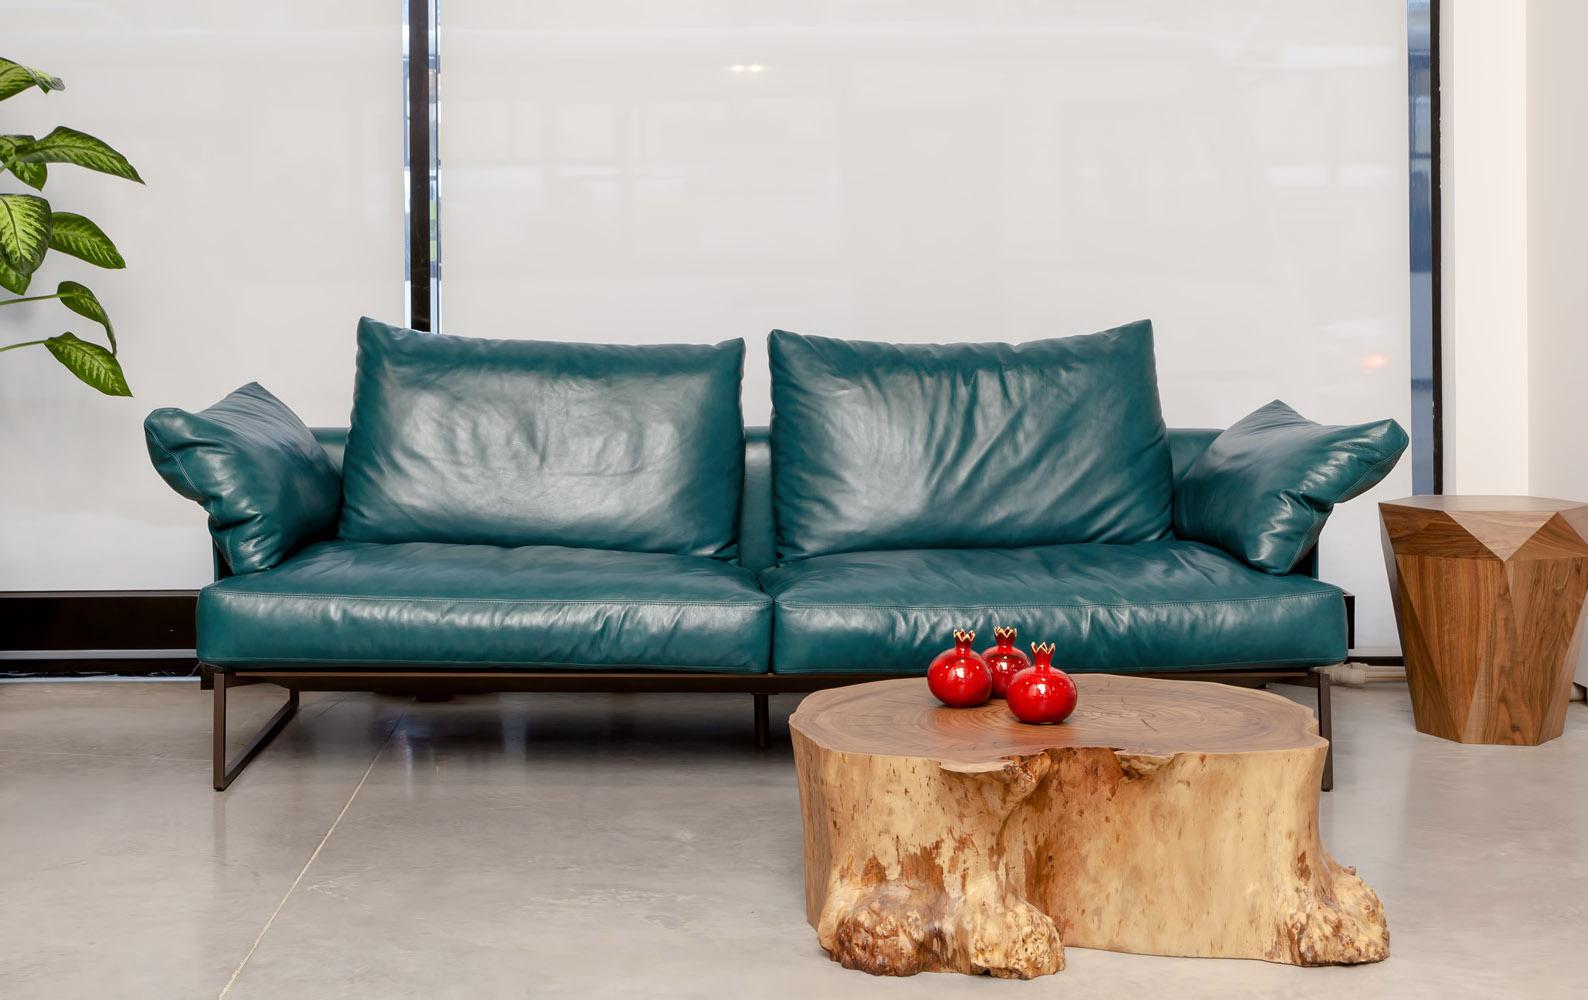 мебель Desiree - Диваны, кресла, модульные системы